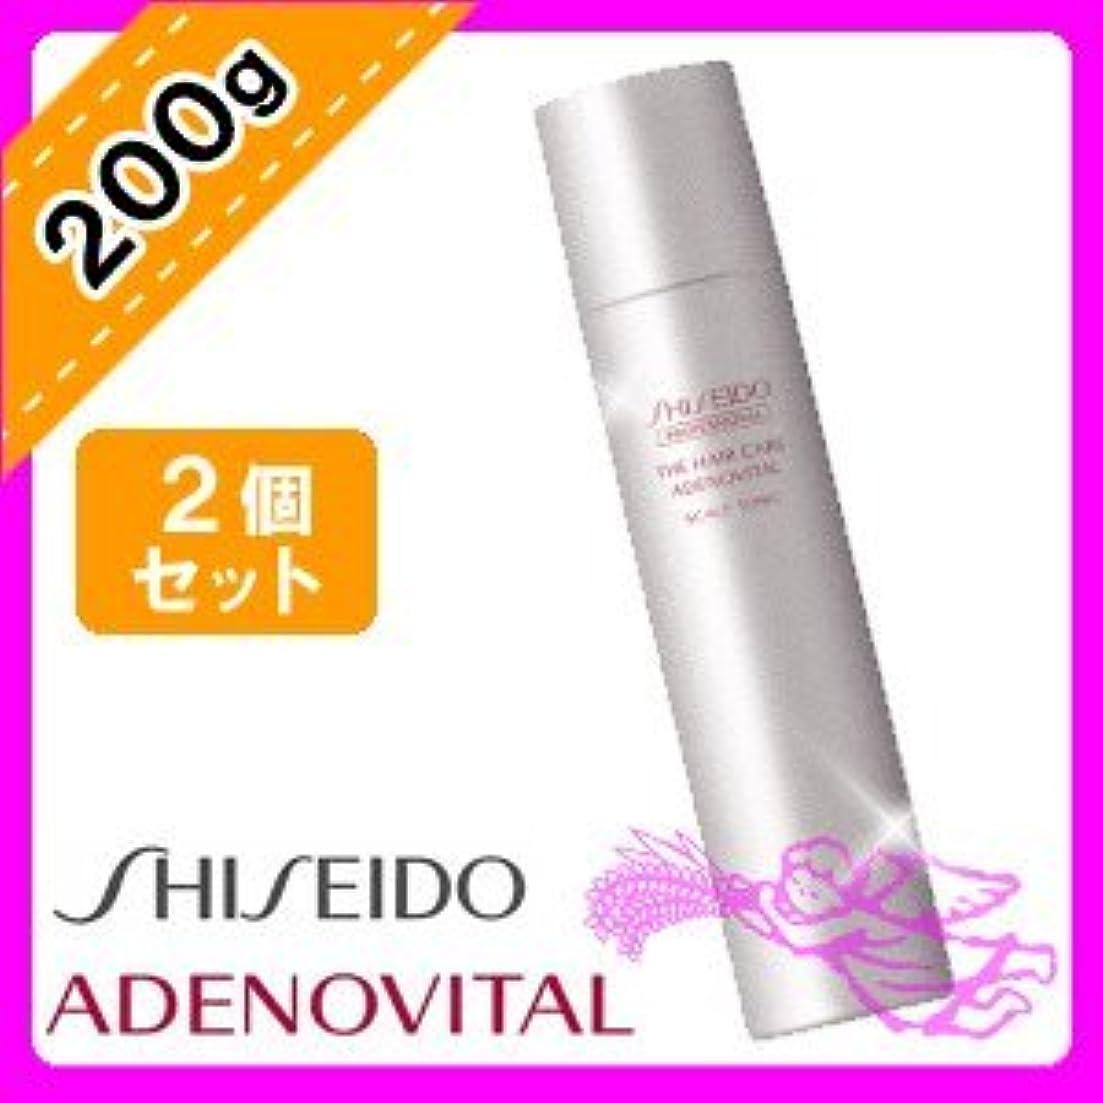 不一致有望競争力のある資生堂 アデノバイタル スカルプトニック 200g ×2個セット SHISEIDO ADENOVITAL 医薬部外品